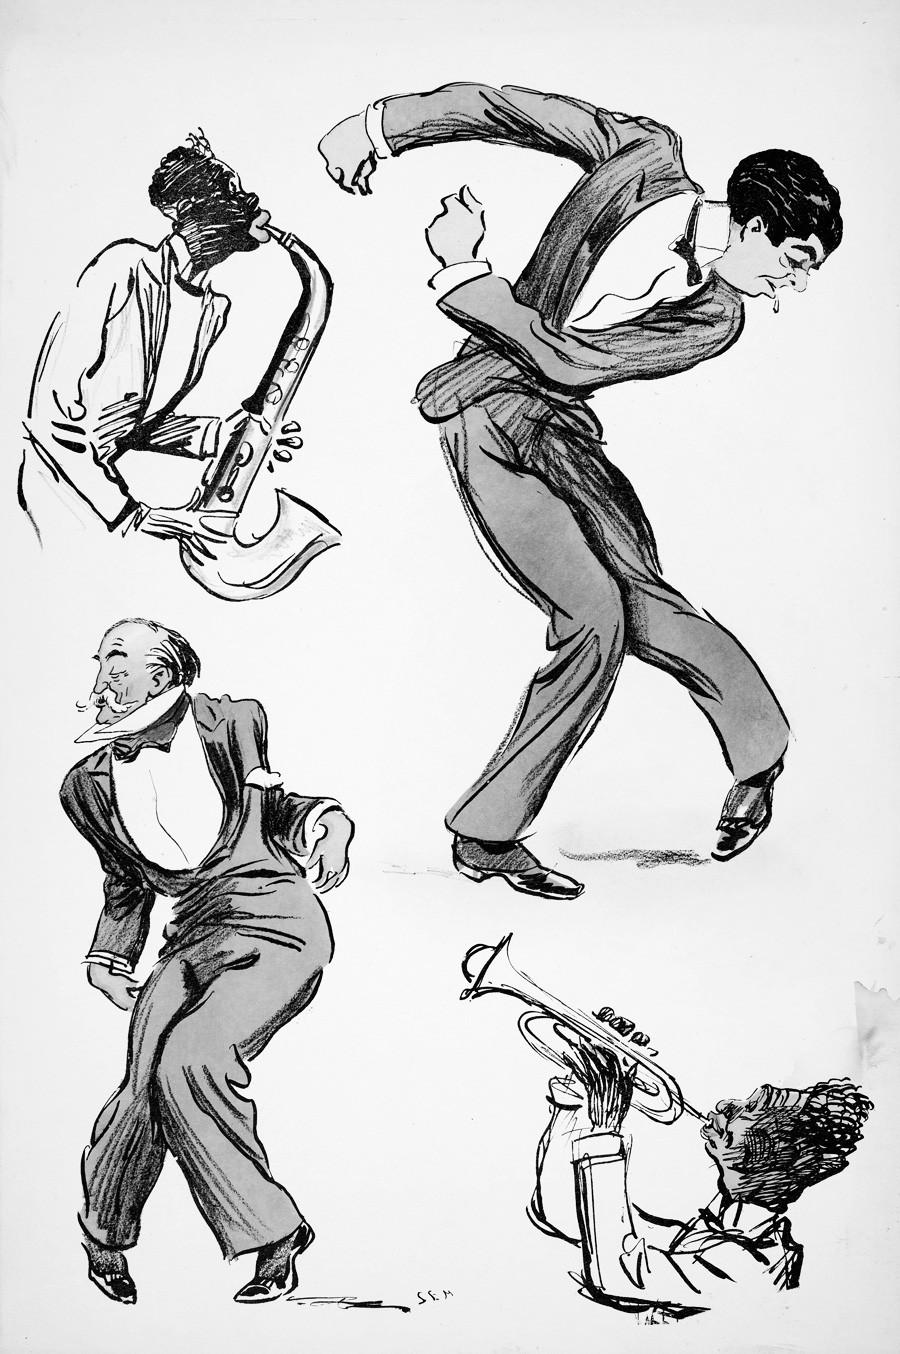 Dois homens de terno dançando ao som de saxofone e trompete em imagem da publicação